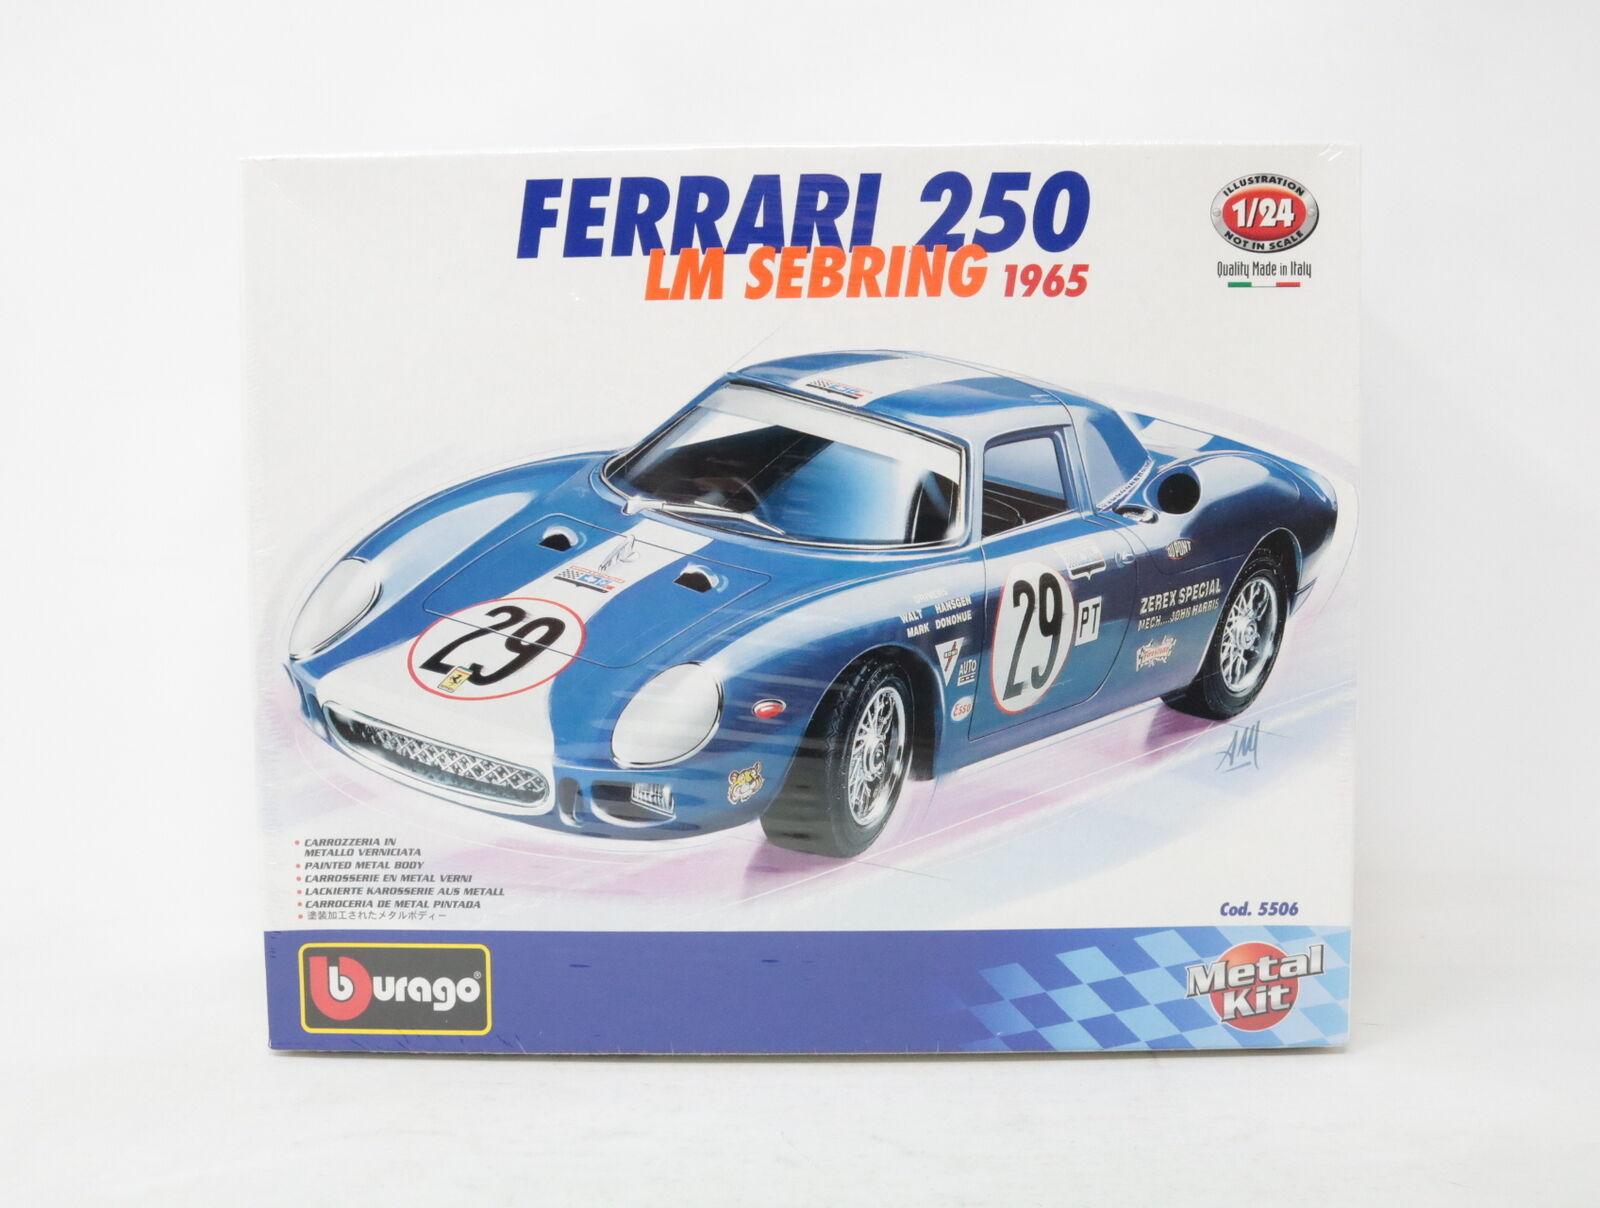 1 24 BBURAGO METAL KIT FERRARI 250 LM SEBRING 1965 cod. 5506  [XQ009]